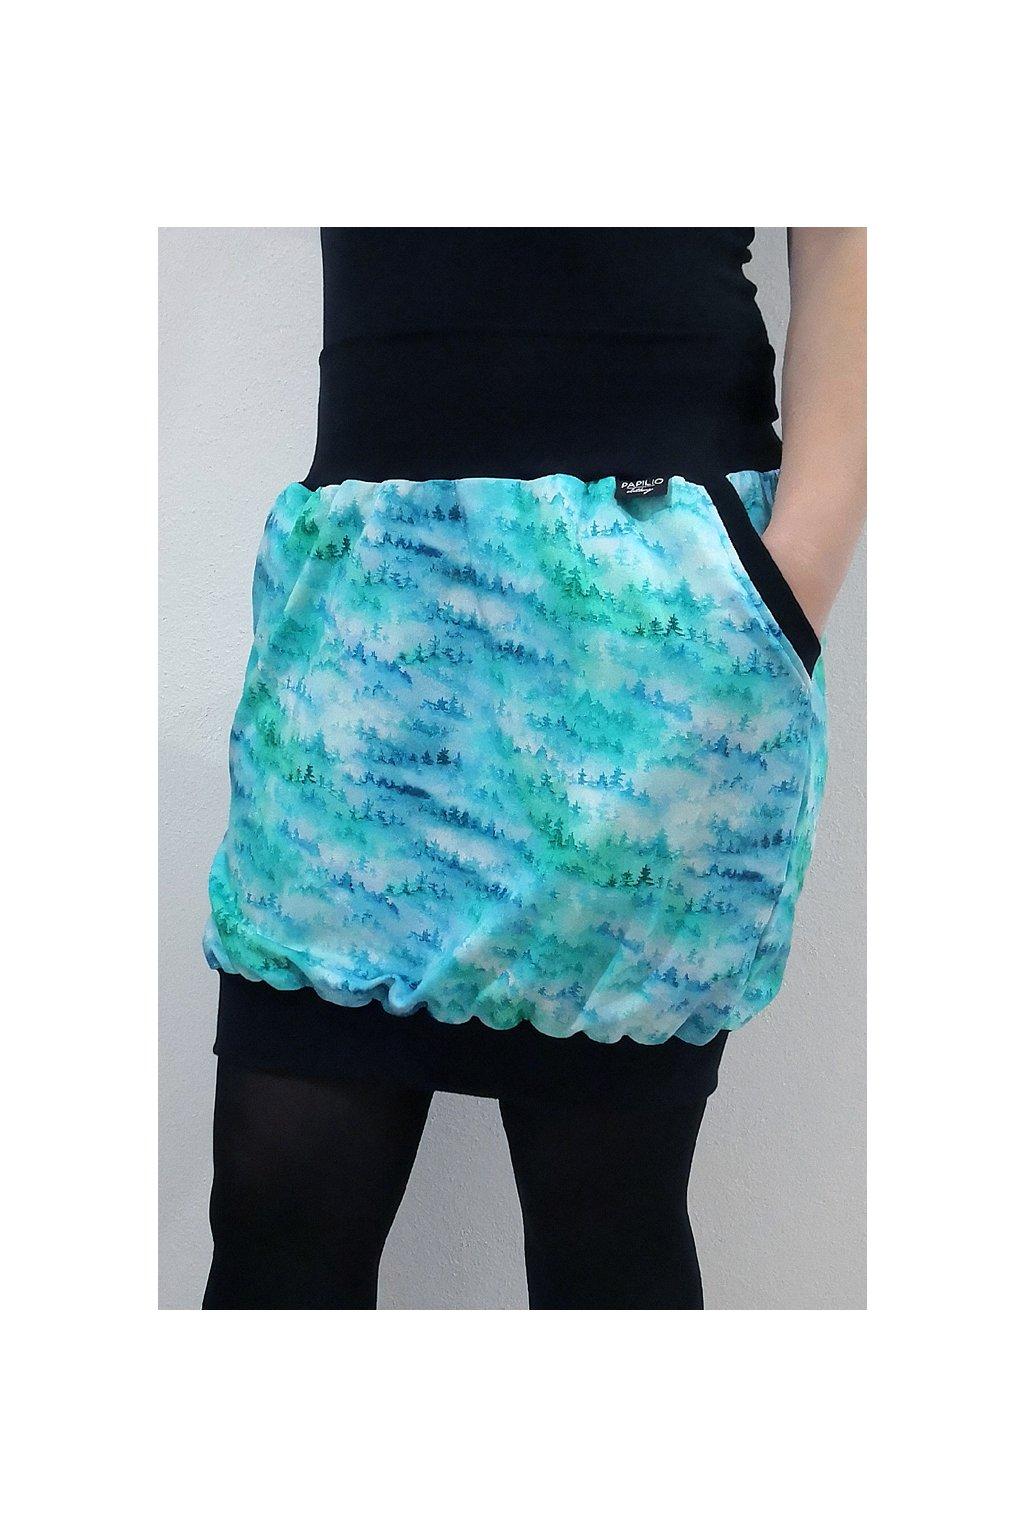 SKLADEM - Balonová sukně do nápletu LES, velikost uni, délka 56 cm   bavlněný úplet